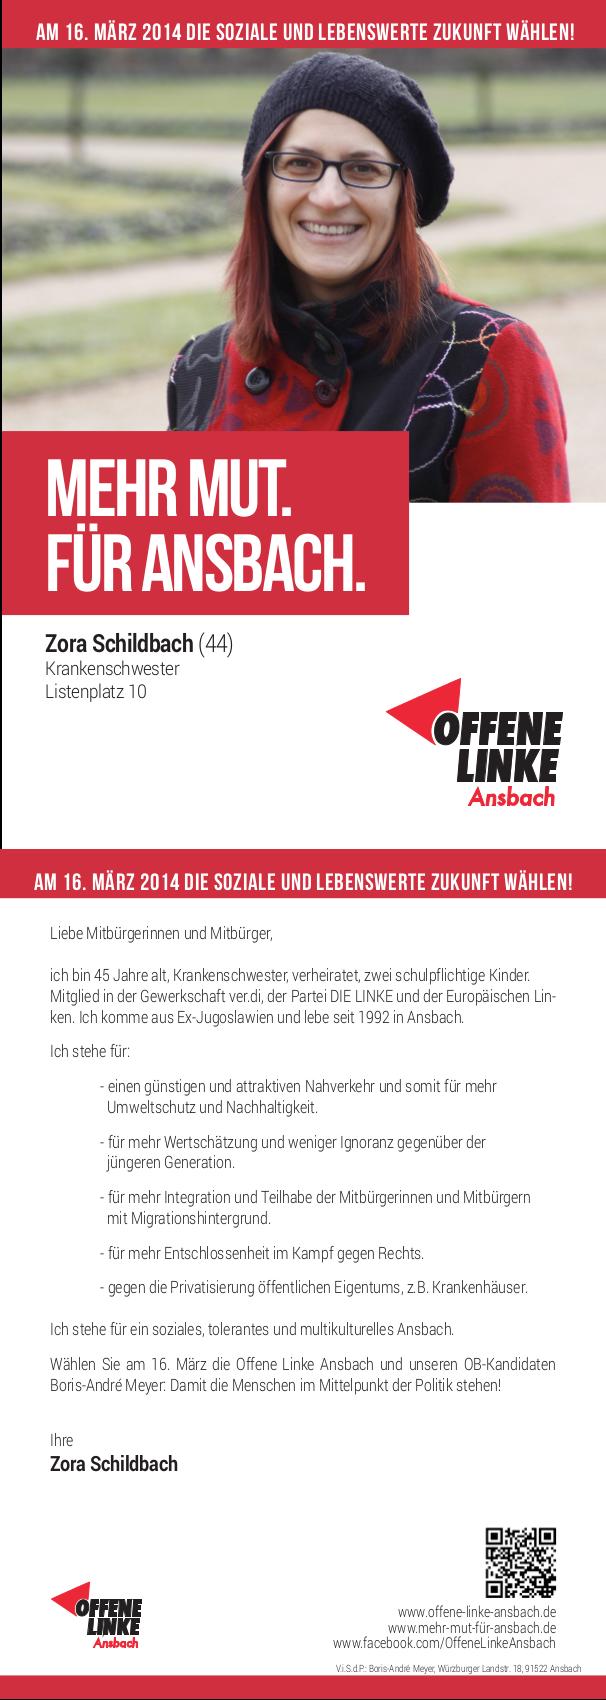 Zora_Schildbach